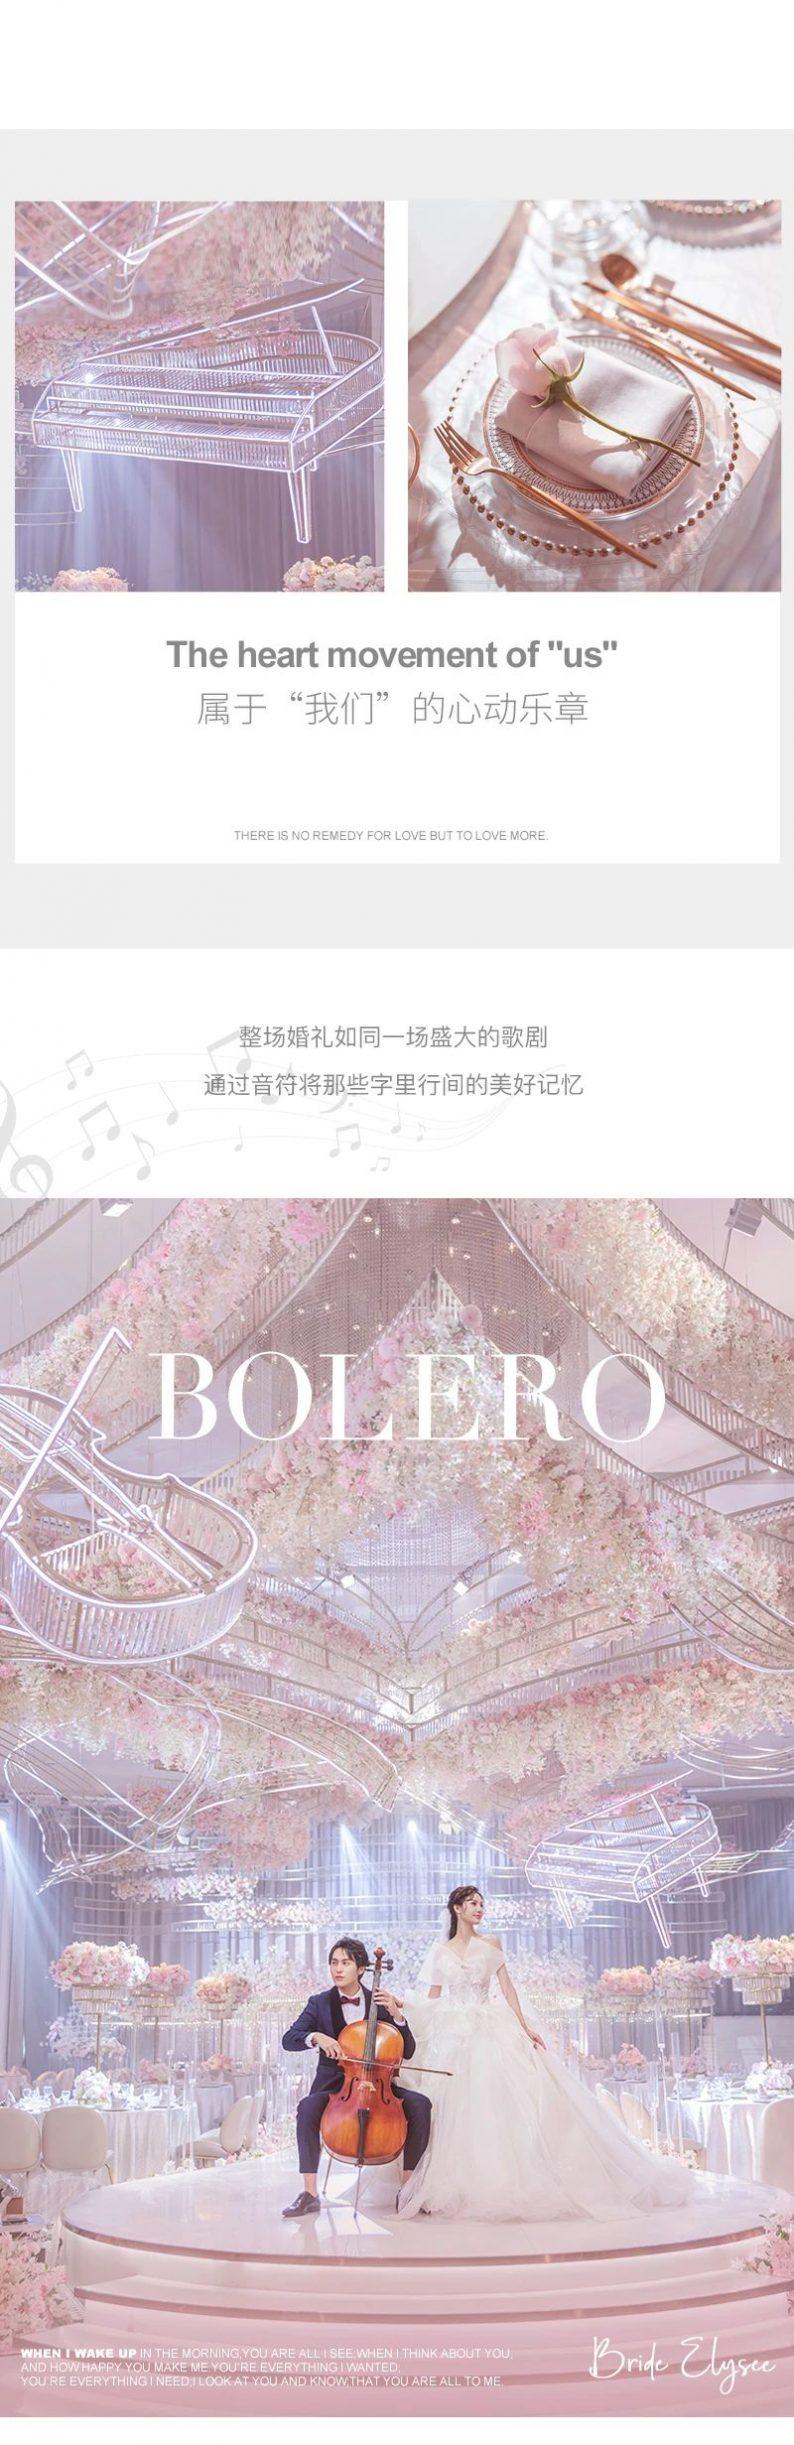 婚礼堂发布:花嫁丽舍七夕婚礼恋曲《波莱罗舞曲》  第9张